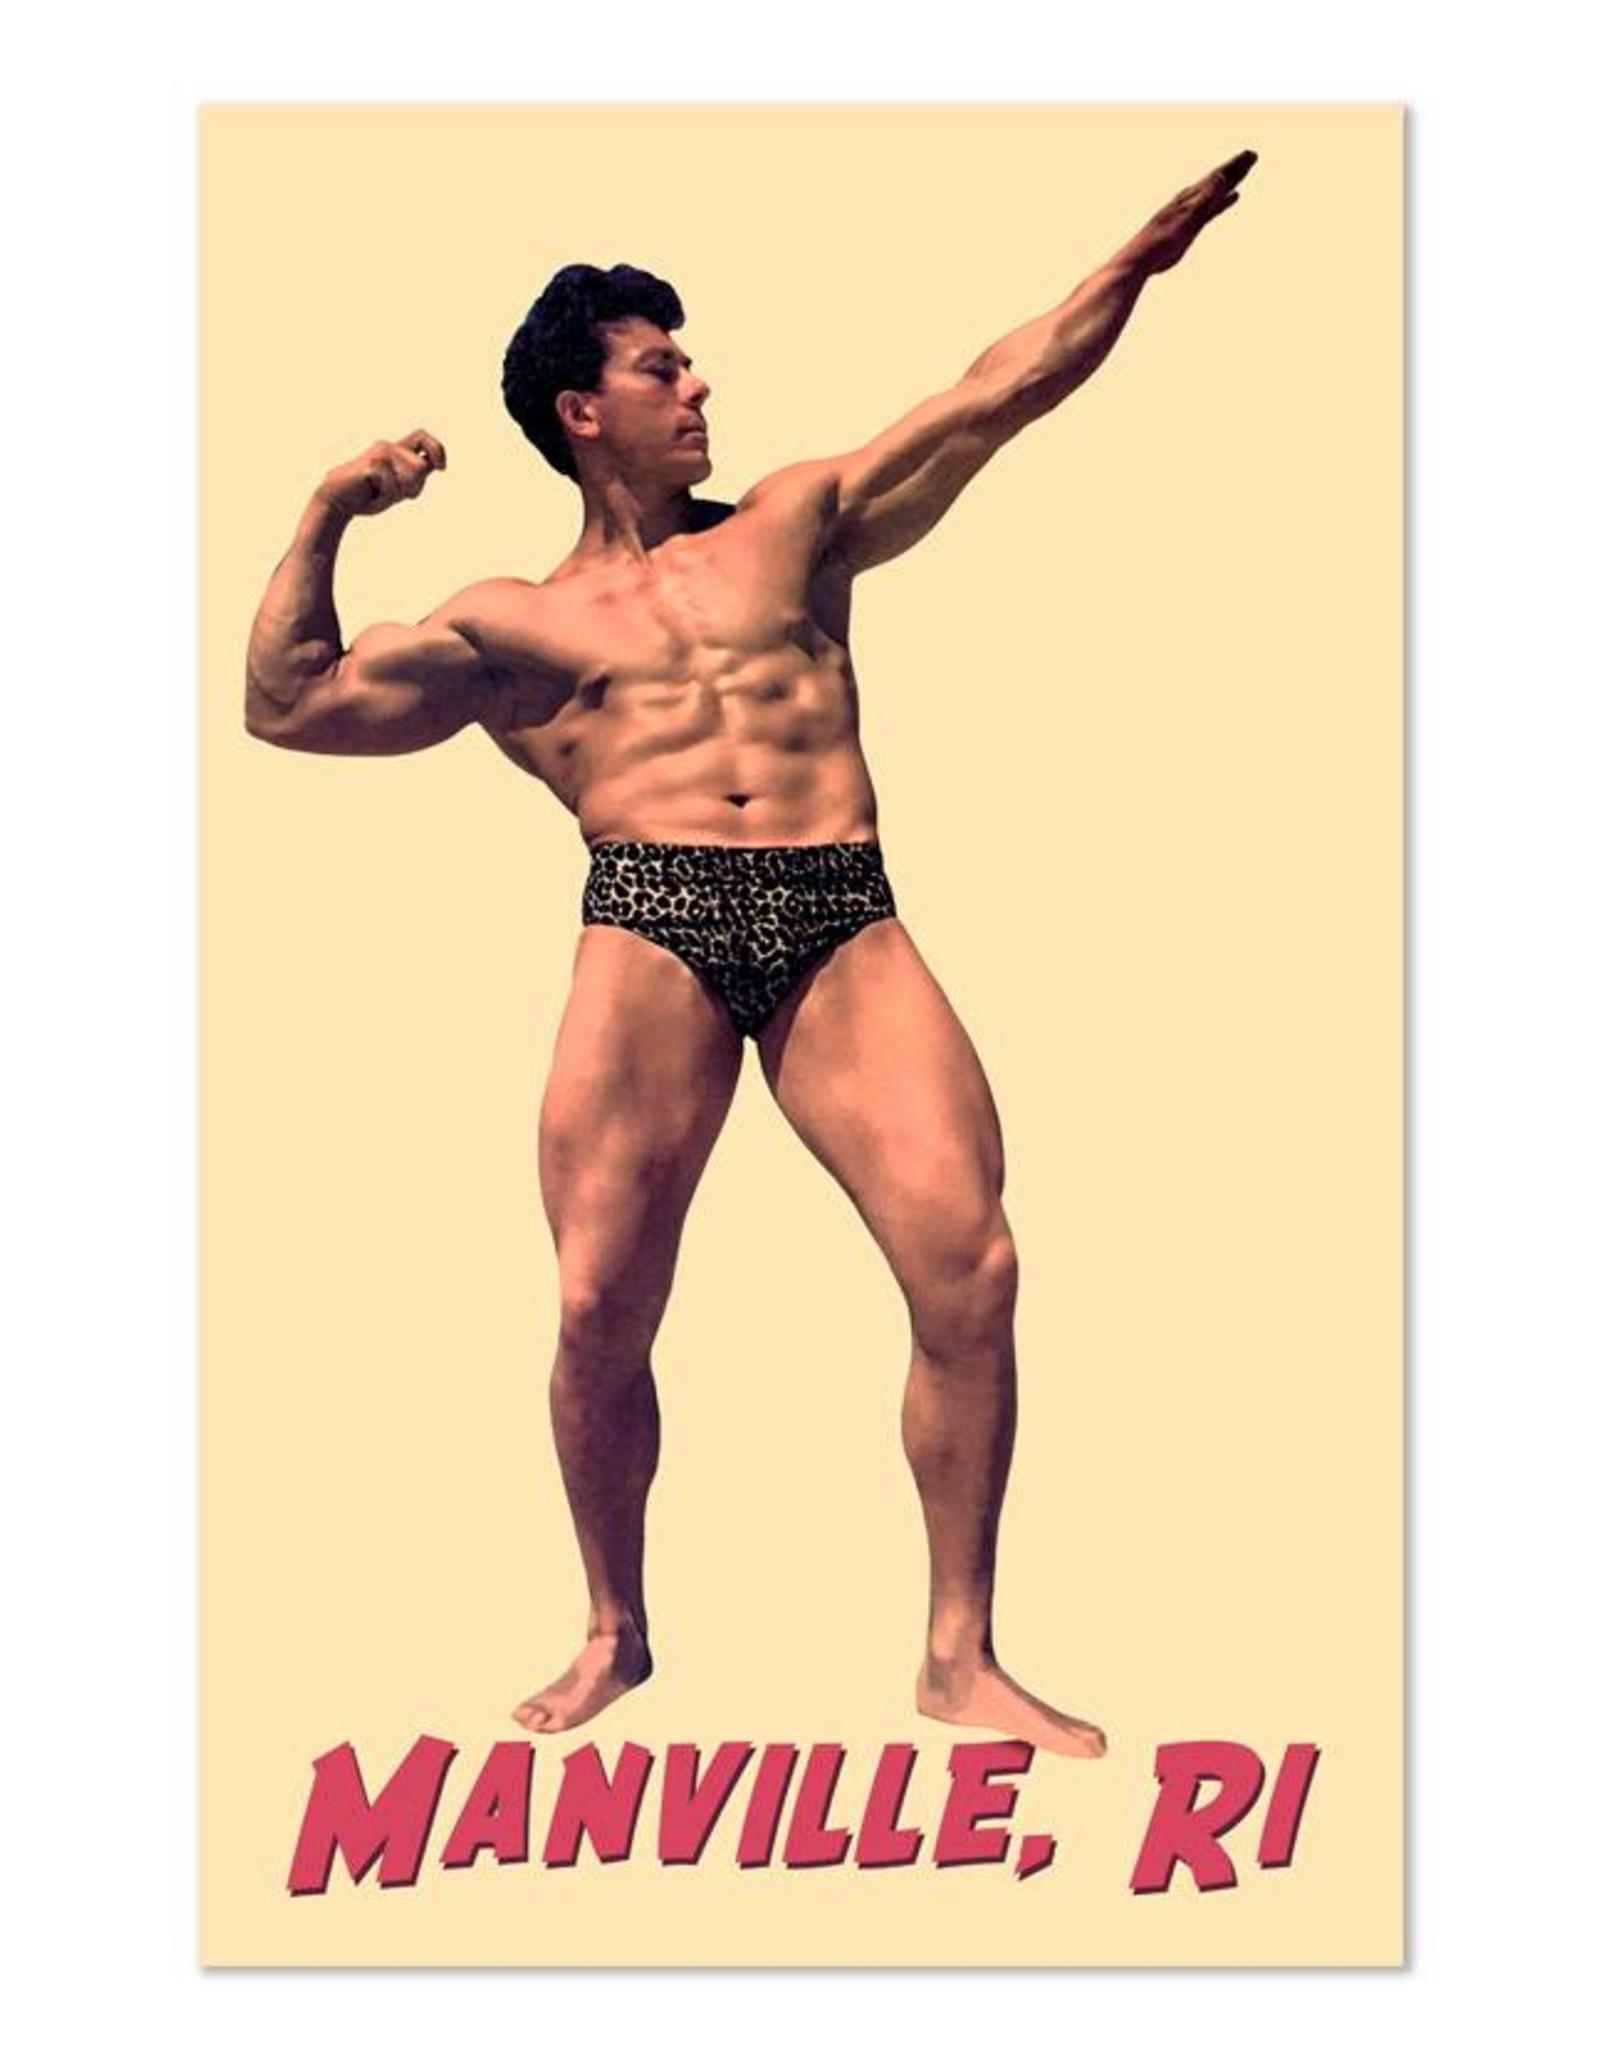 The Manville Bodybuilder Print